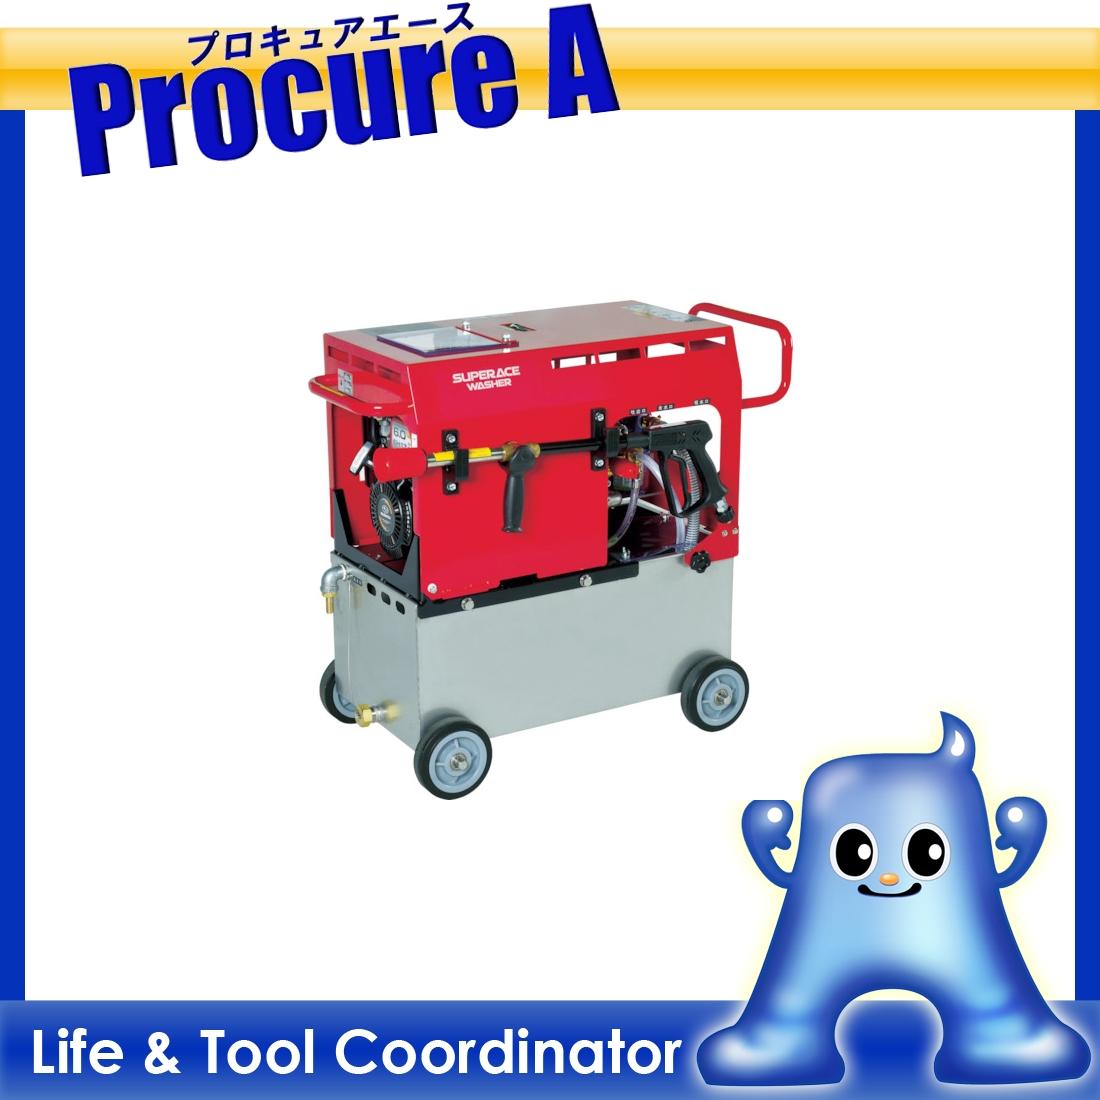 スーパー工業 エンジン式 高圧洗浄機 SE-3005ST5(静音型) SE-3005ST5 ▼787-9008 スーパー工業(株) 【代引決済不可】